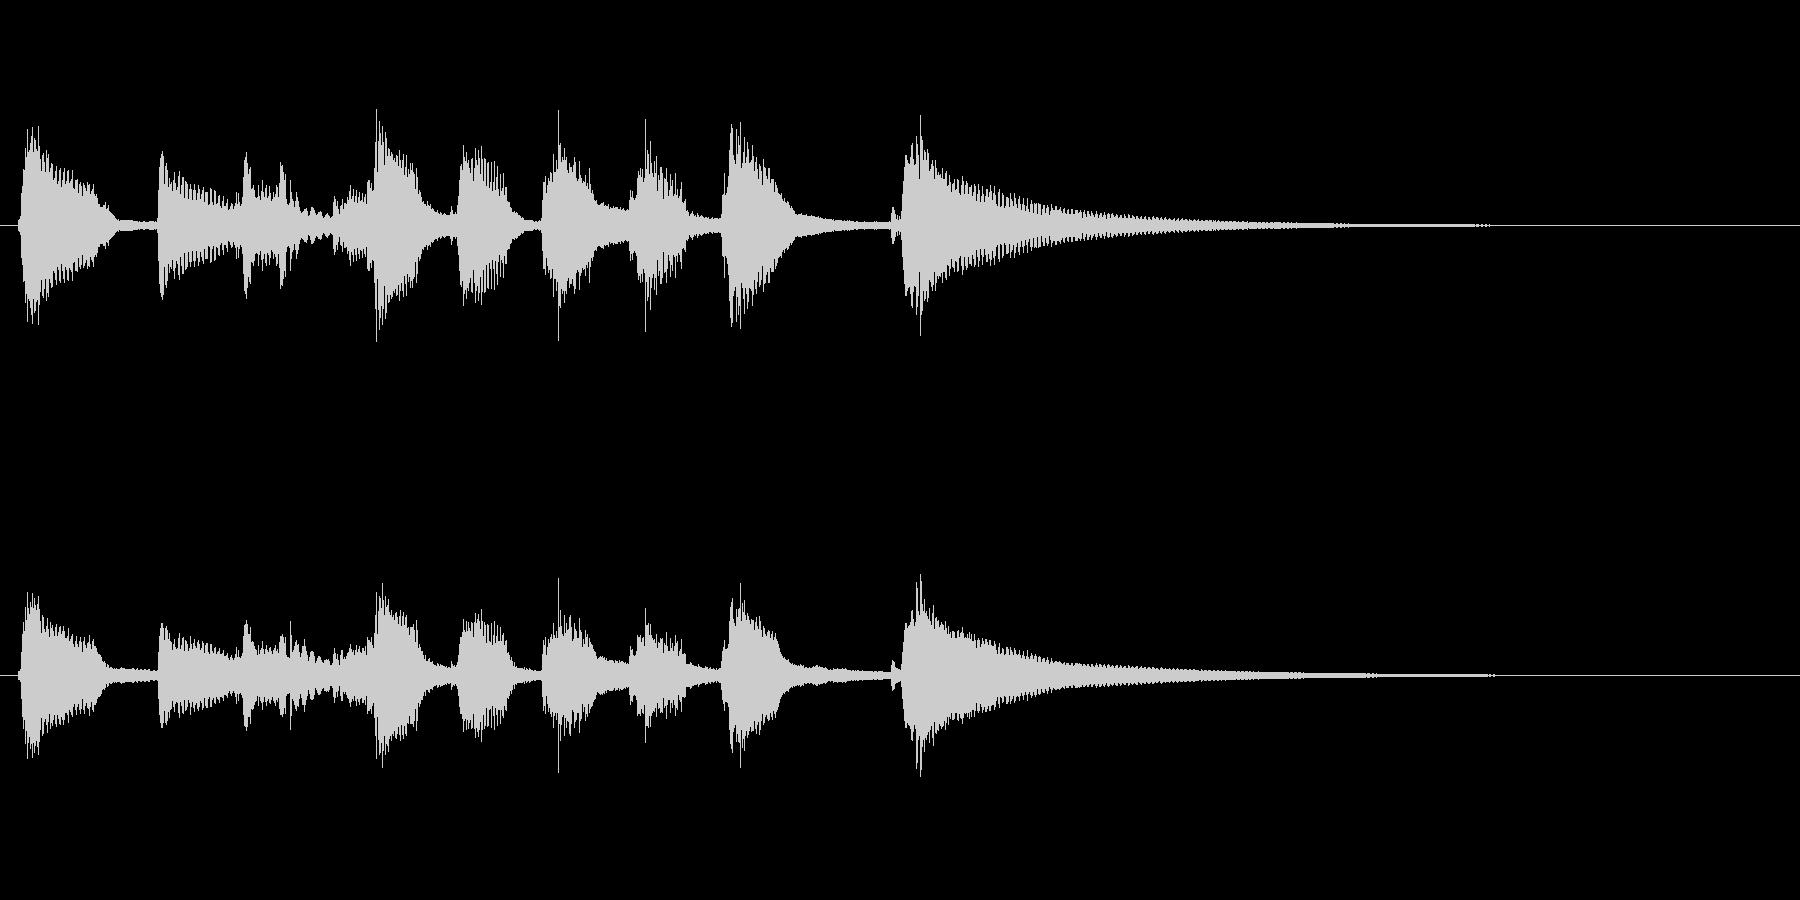 鉄琴とウクレレの明るいジングルの未再生の波形